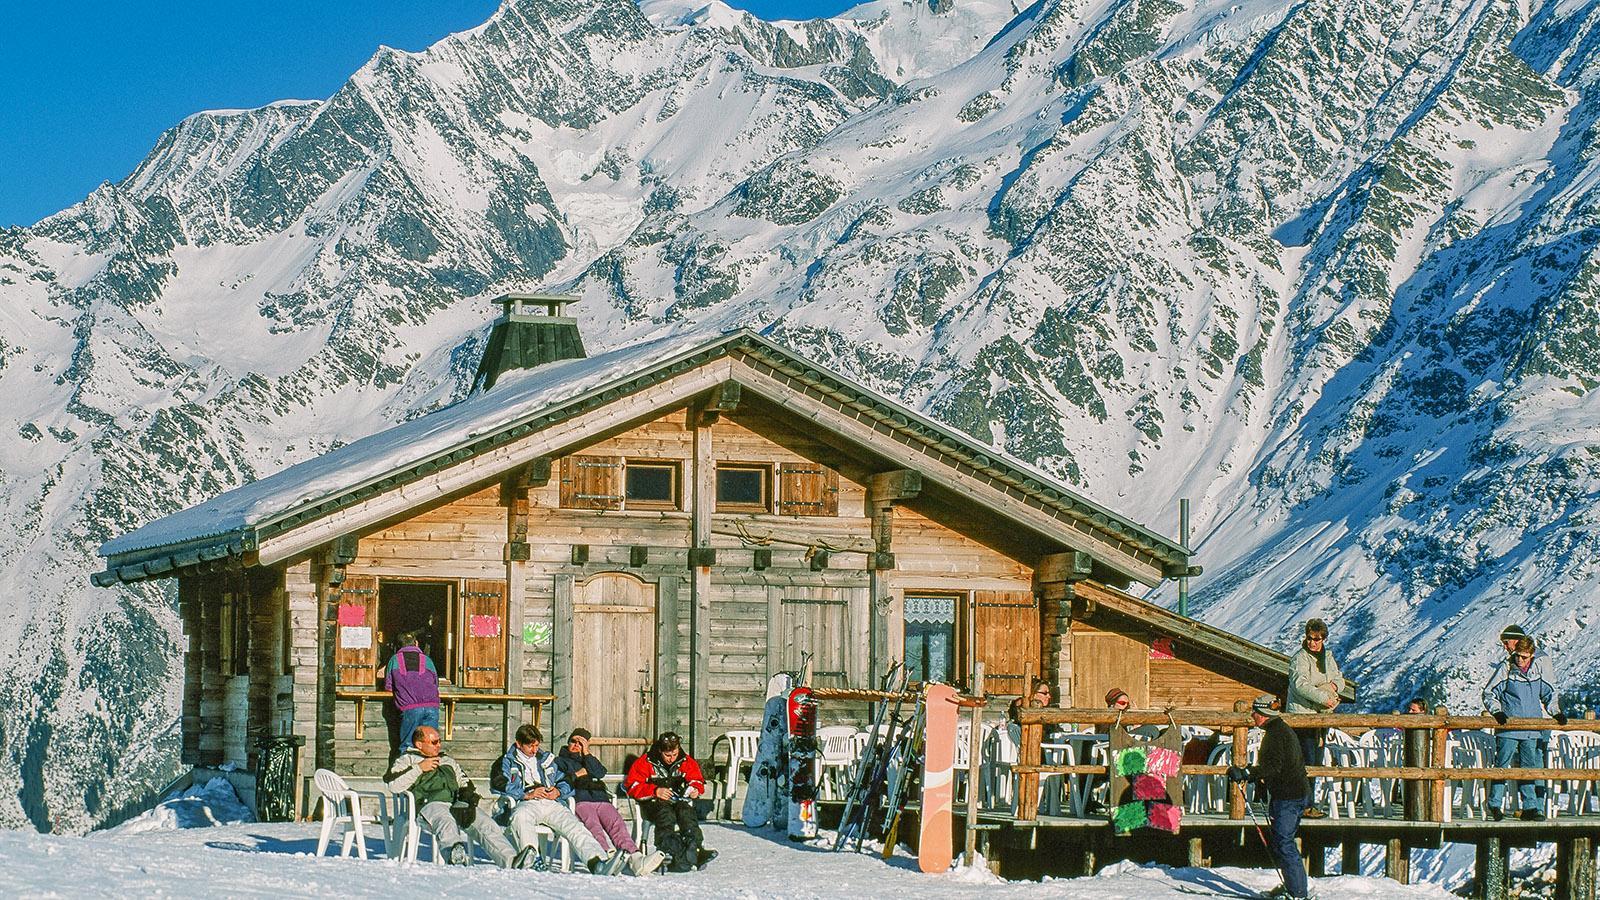 Les Contamines-Montjoie: Berghütte im Skigebiet. Foto: Hilke Maunder